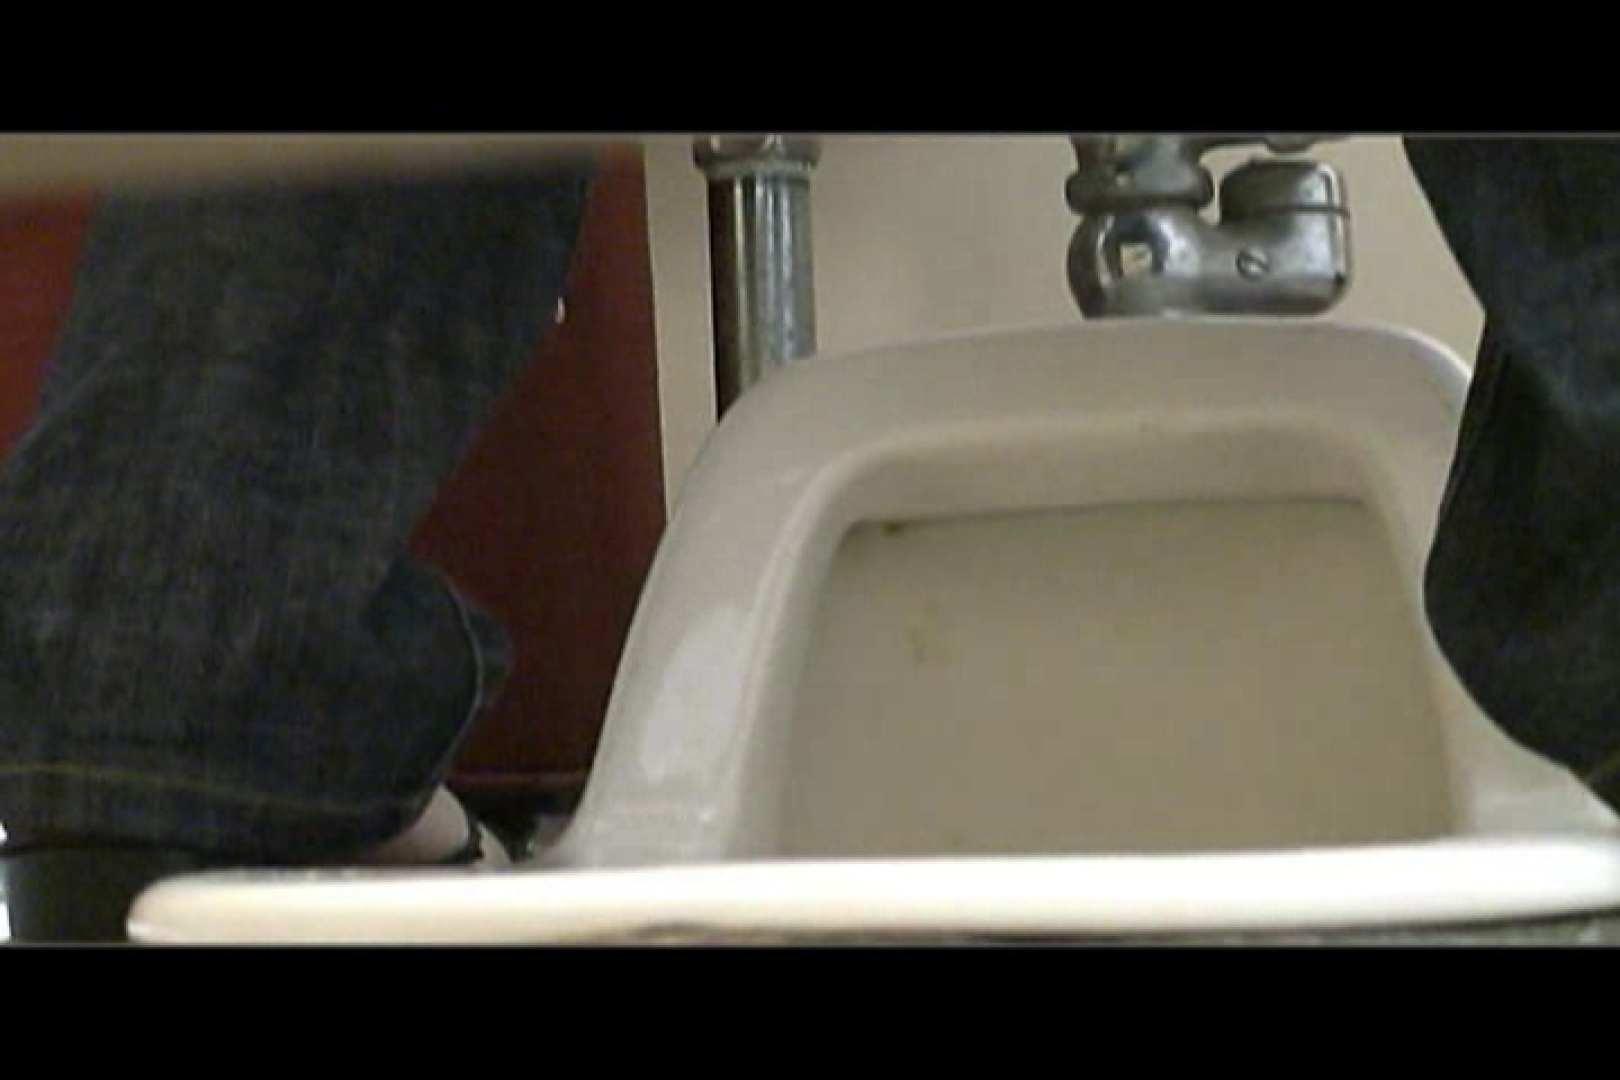 マンコ丸見え女子洗面所Vol.6 洗面所はめどり ワレメ動画紹介 107画像 15